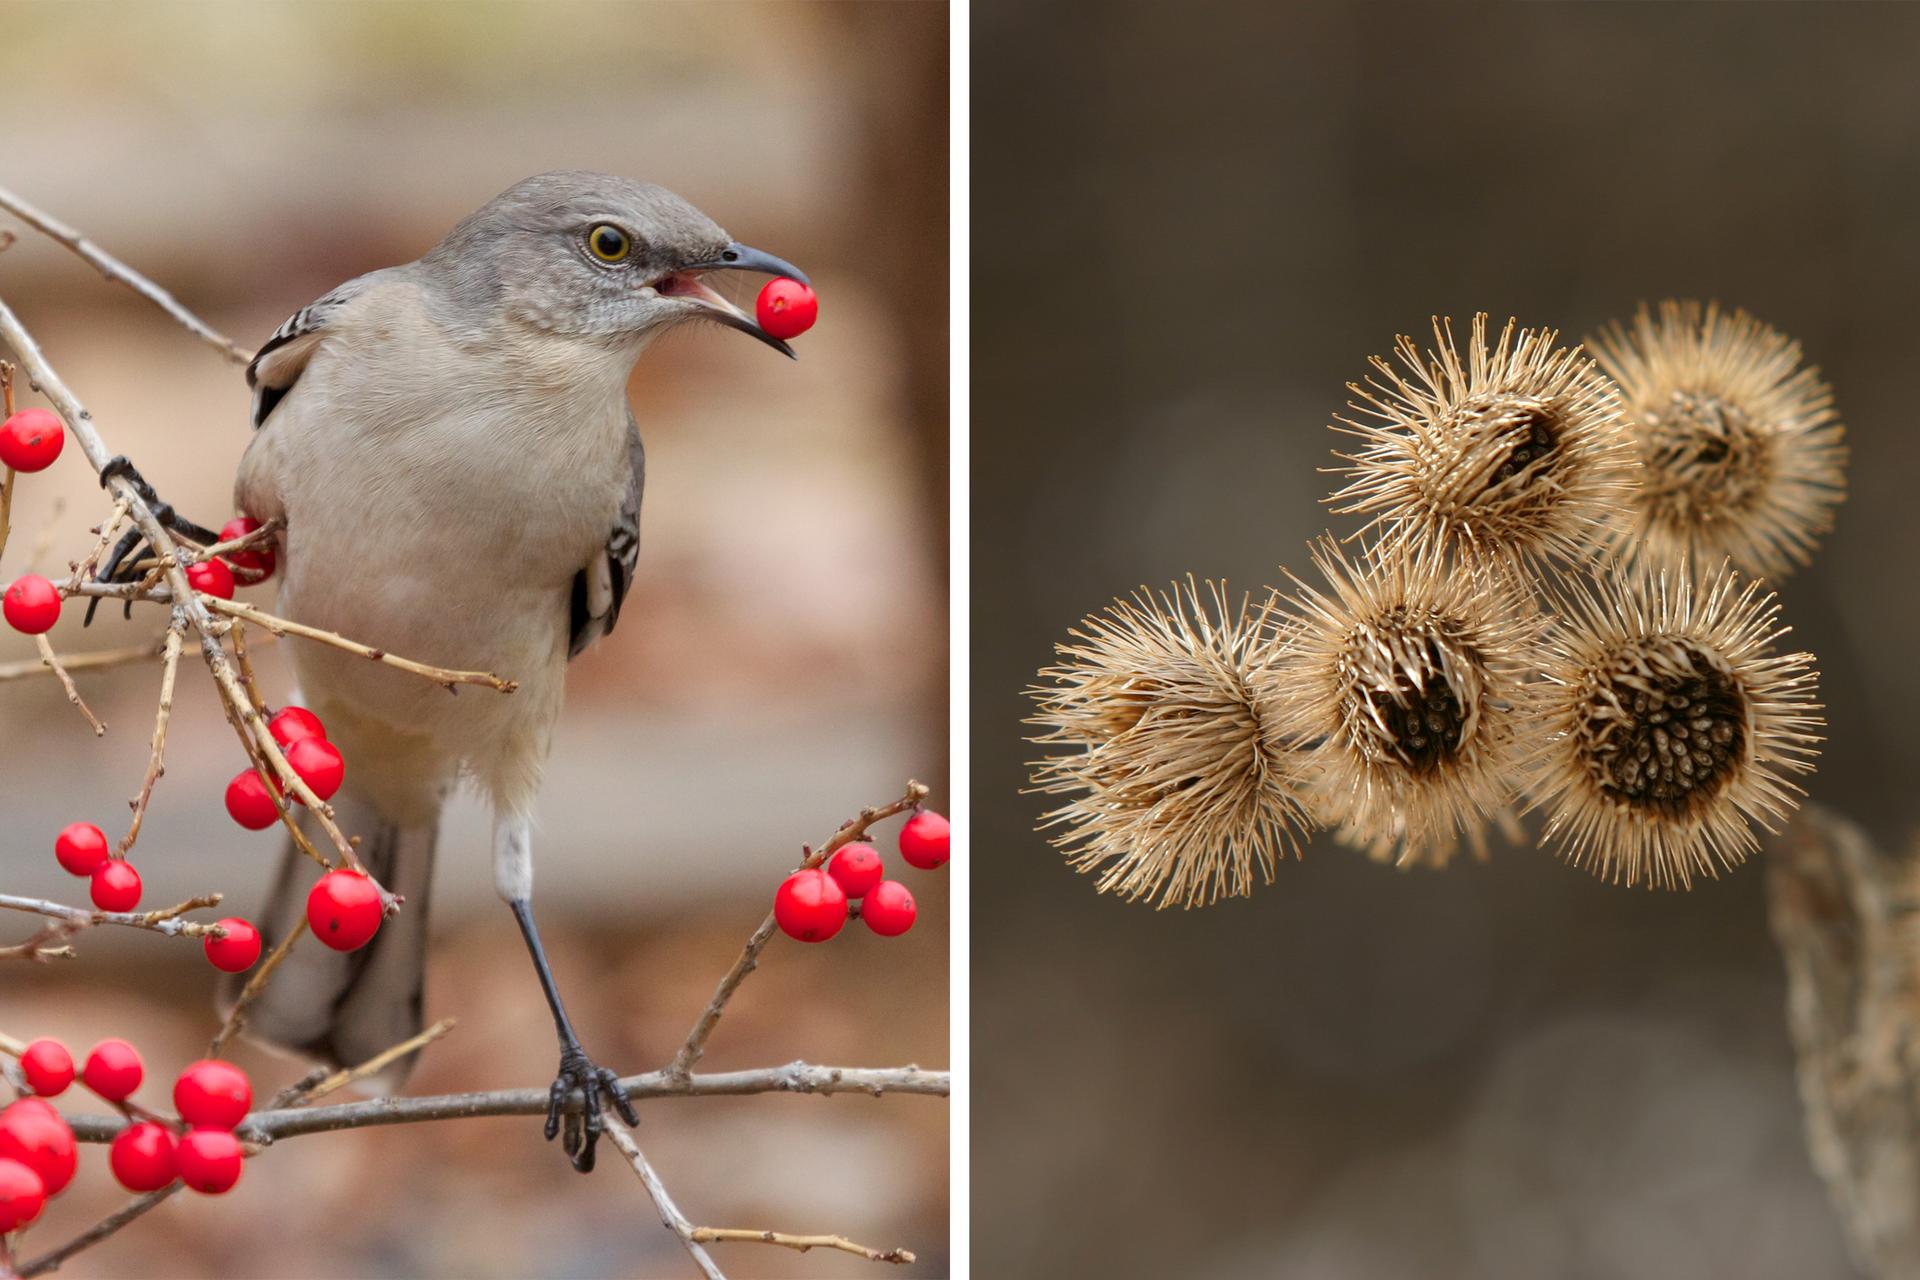 """Fotografie przedstawiają rozsiewnie owoców przez zwierzęta. Zlewej szary ptak zczarnymi nóżkami trzyma wdziobie zerwany zgałązki czerwony owoc. Po prawej zbliżenie koszyczków łopianu, zwanych """"rzepami"""". Mają one liczne beżowe łuski, zakończone haczykami. Przy ich pomocy przyczepiają się do sierści zwierząt."""